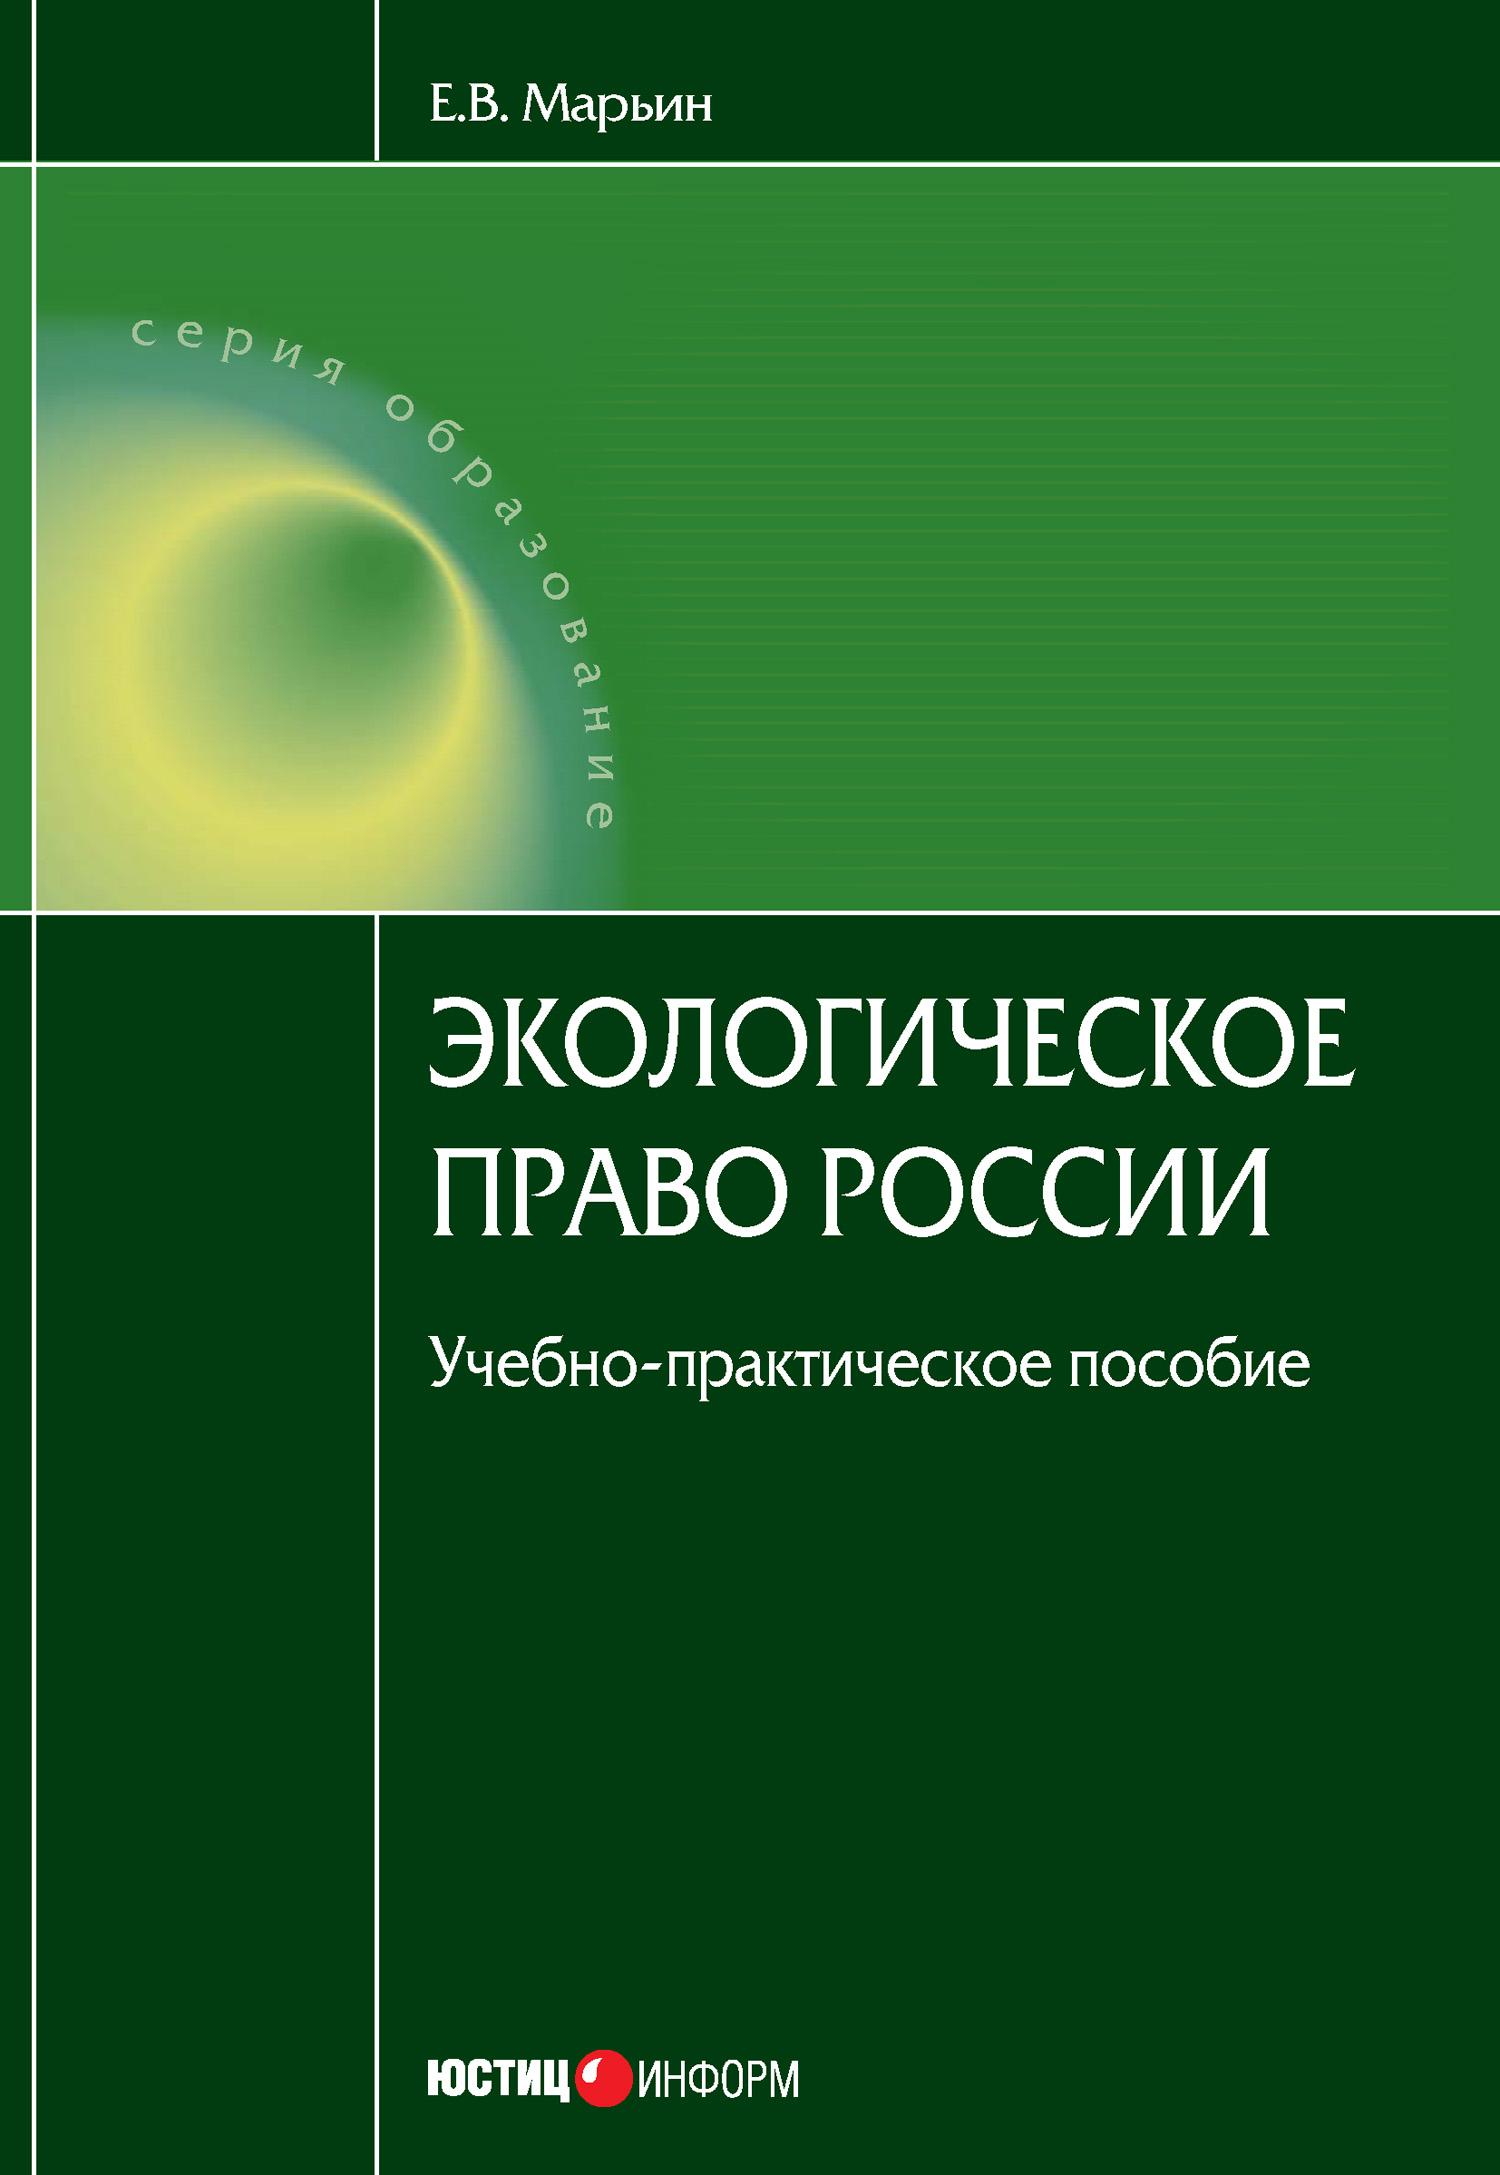 Общая характеристика экологического права - экологическое право (абукарова м.у., 2016)